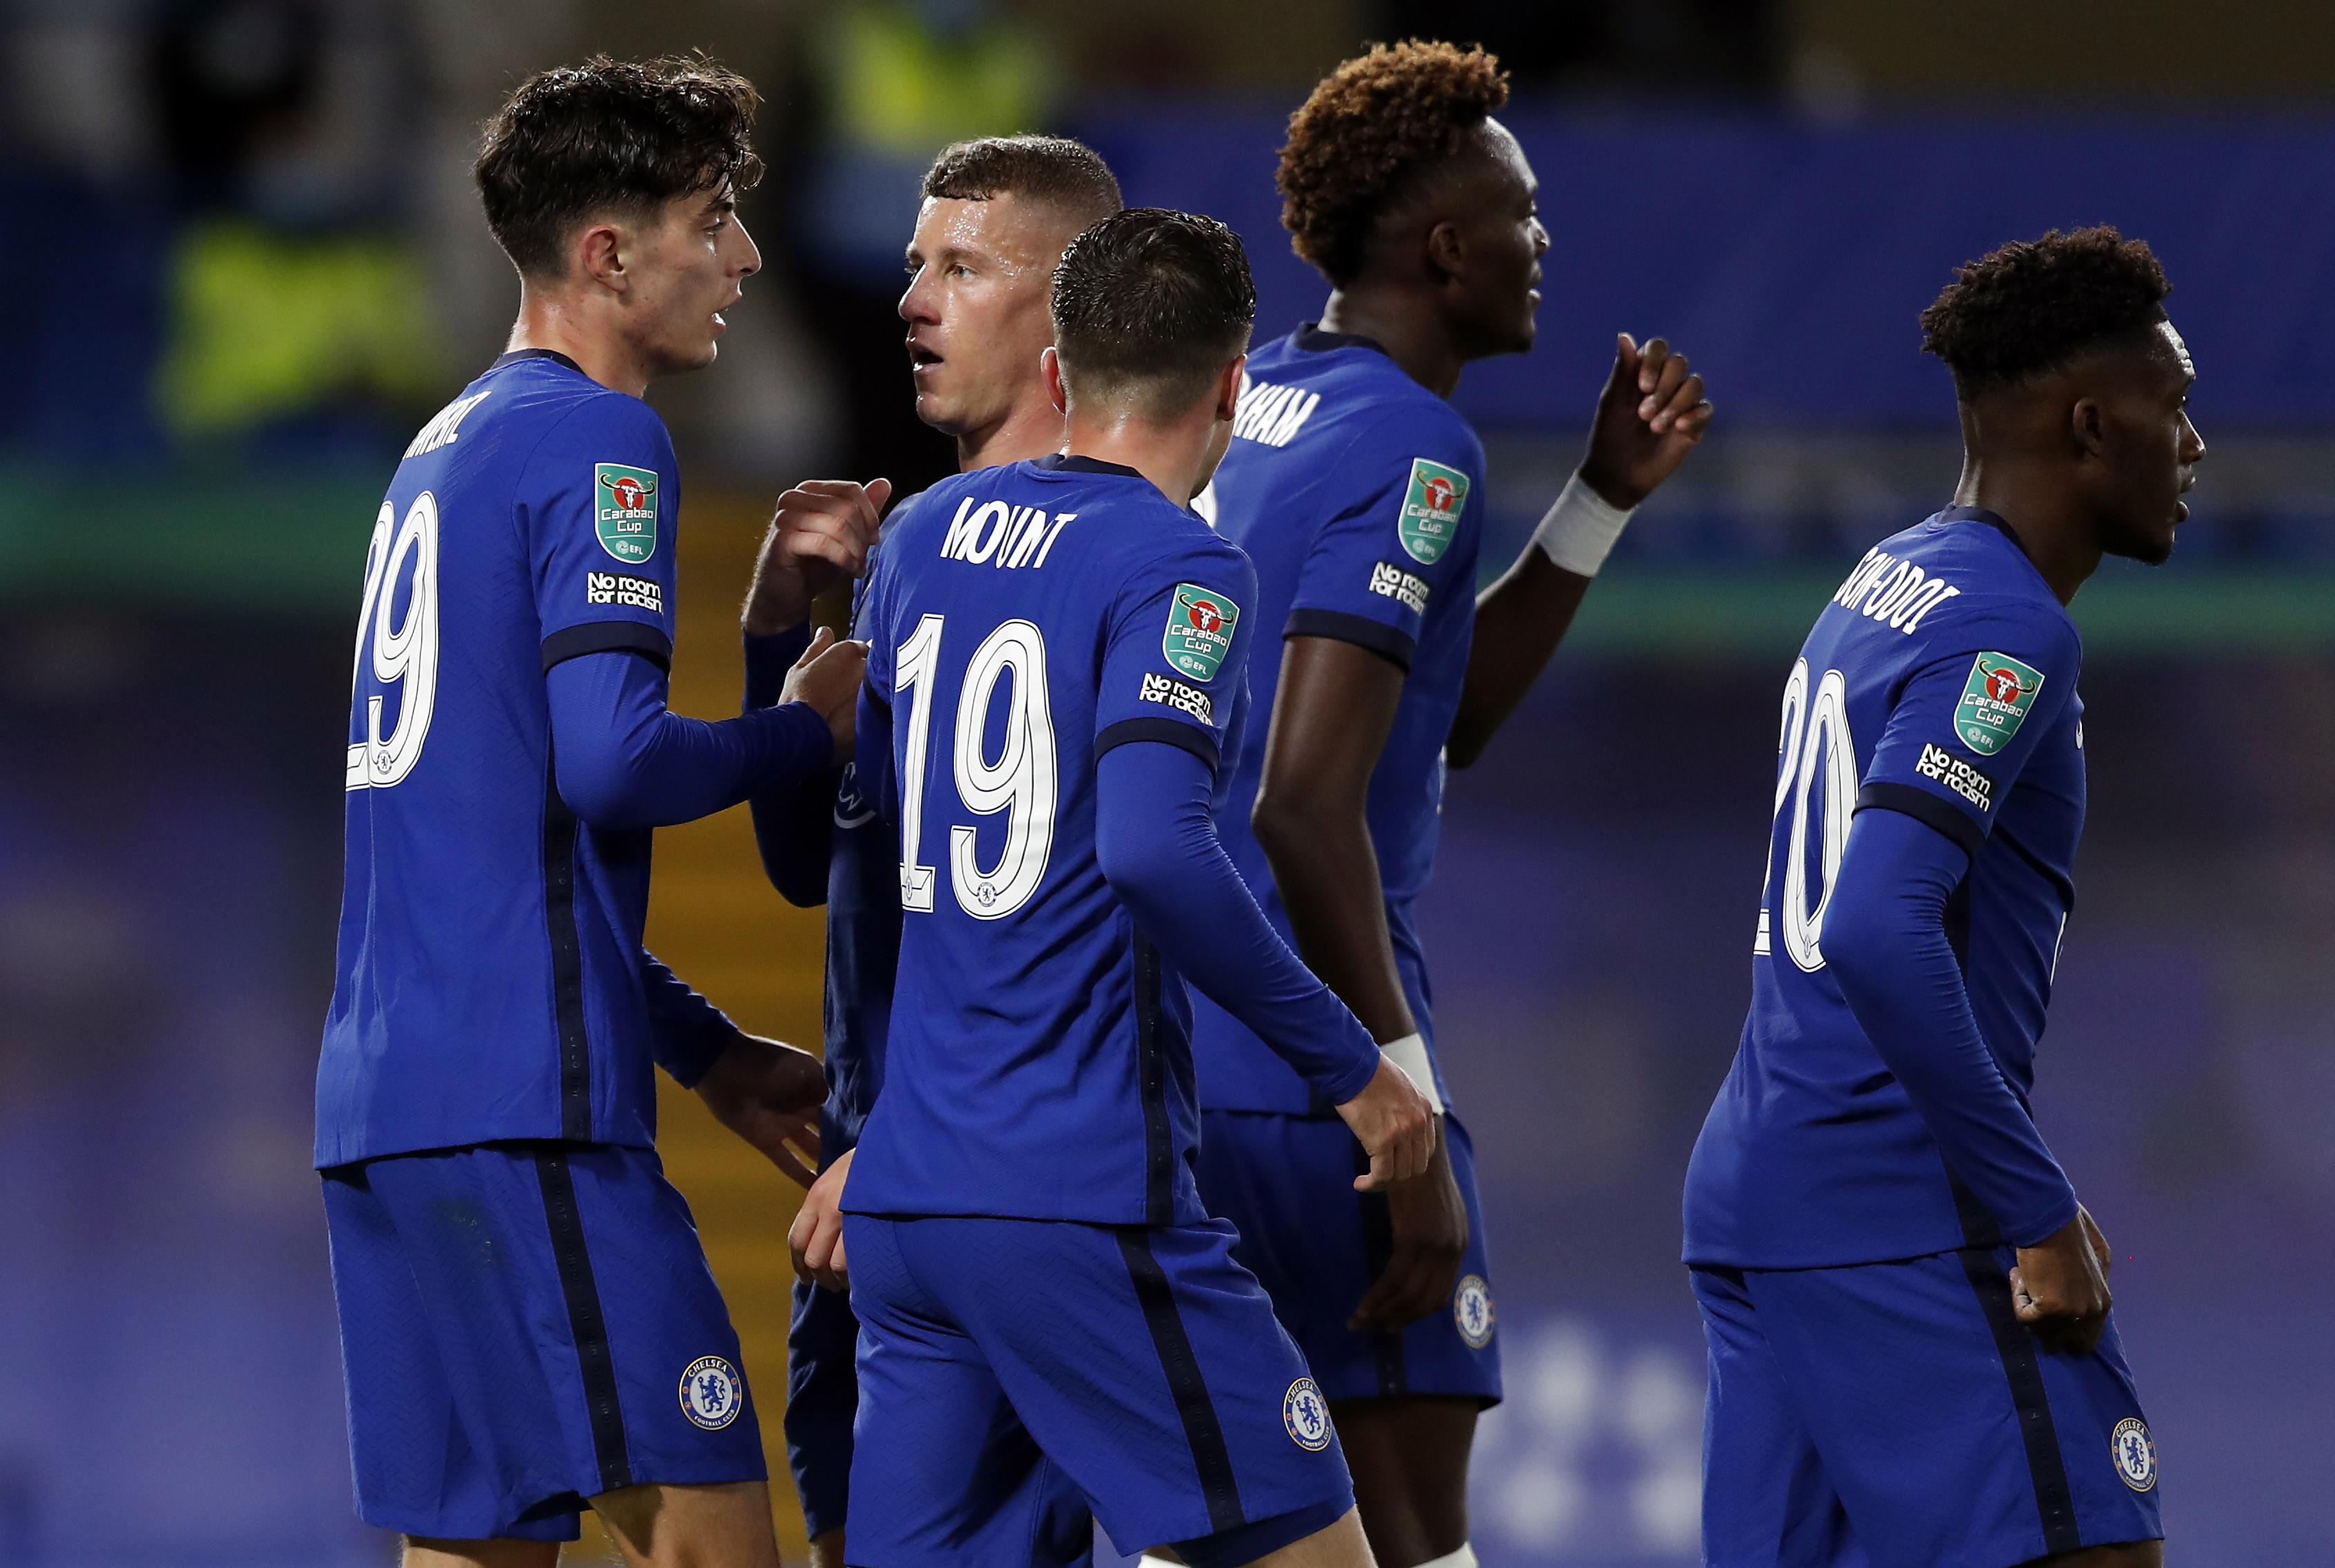 [赛后讨论]联赛杯:哈弗茨戴帽亚伯拉罕传射,切尔西6-0晋级